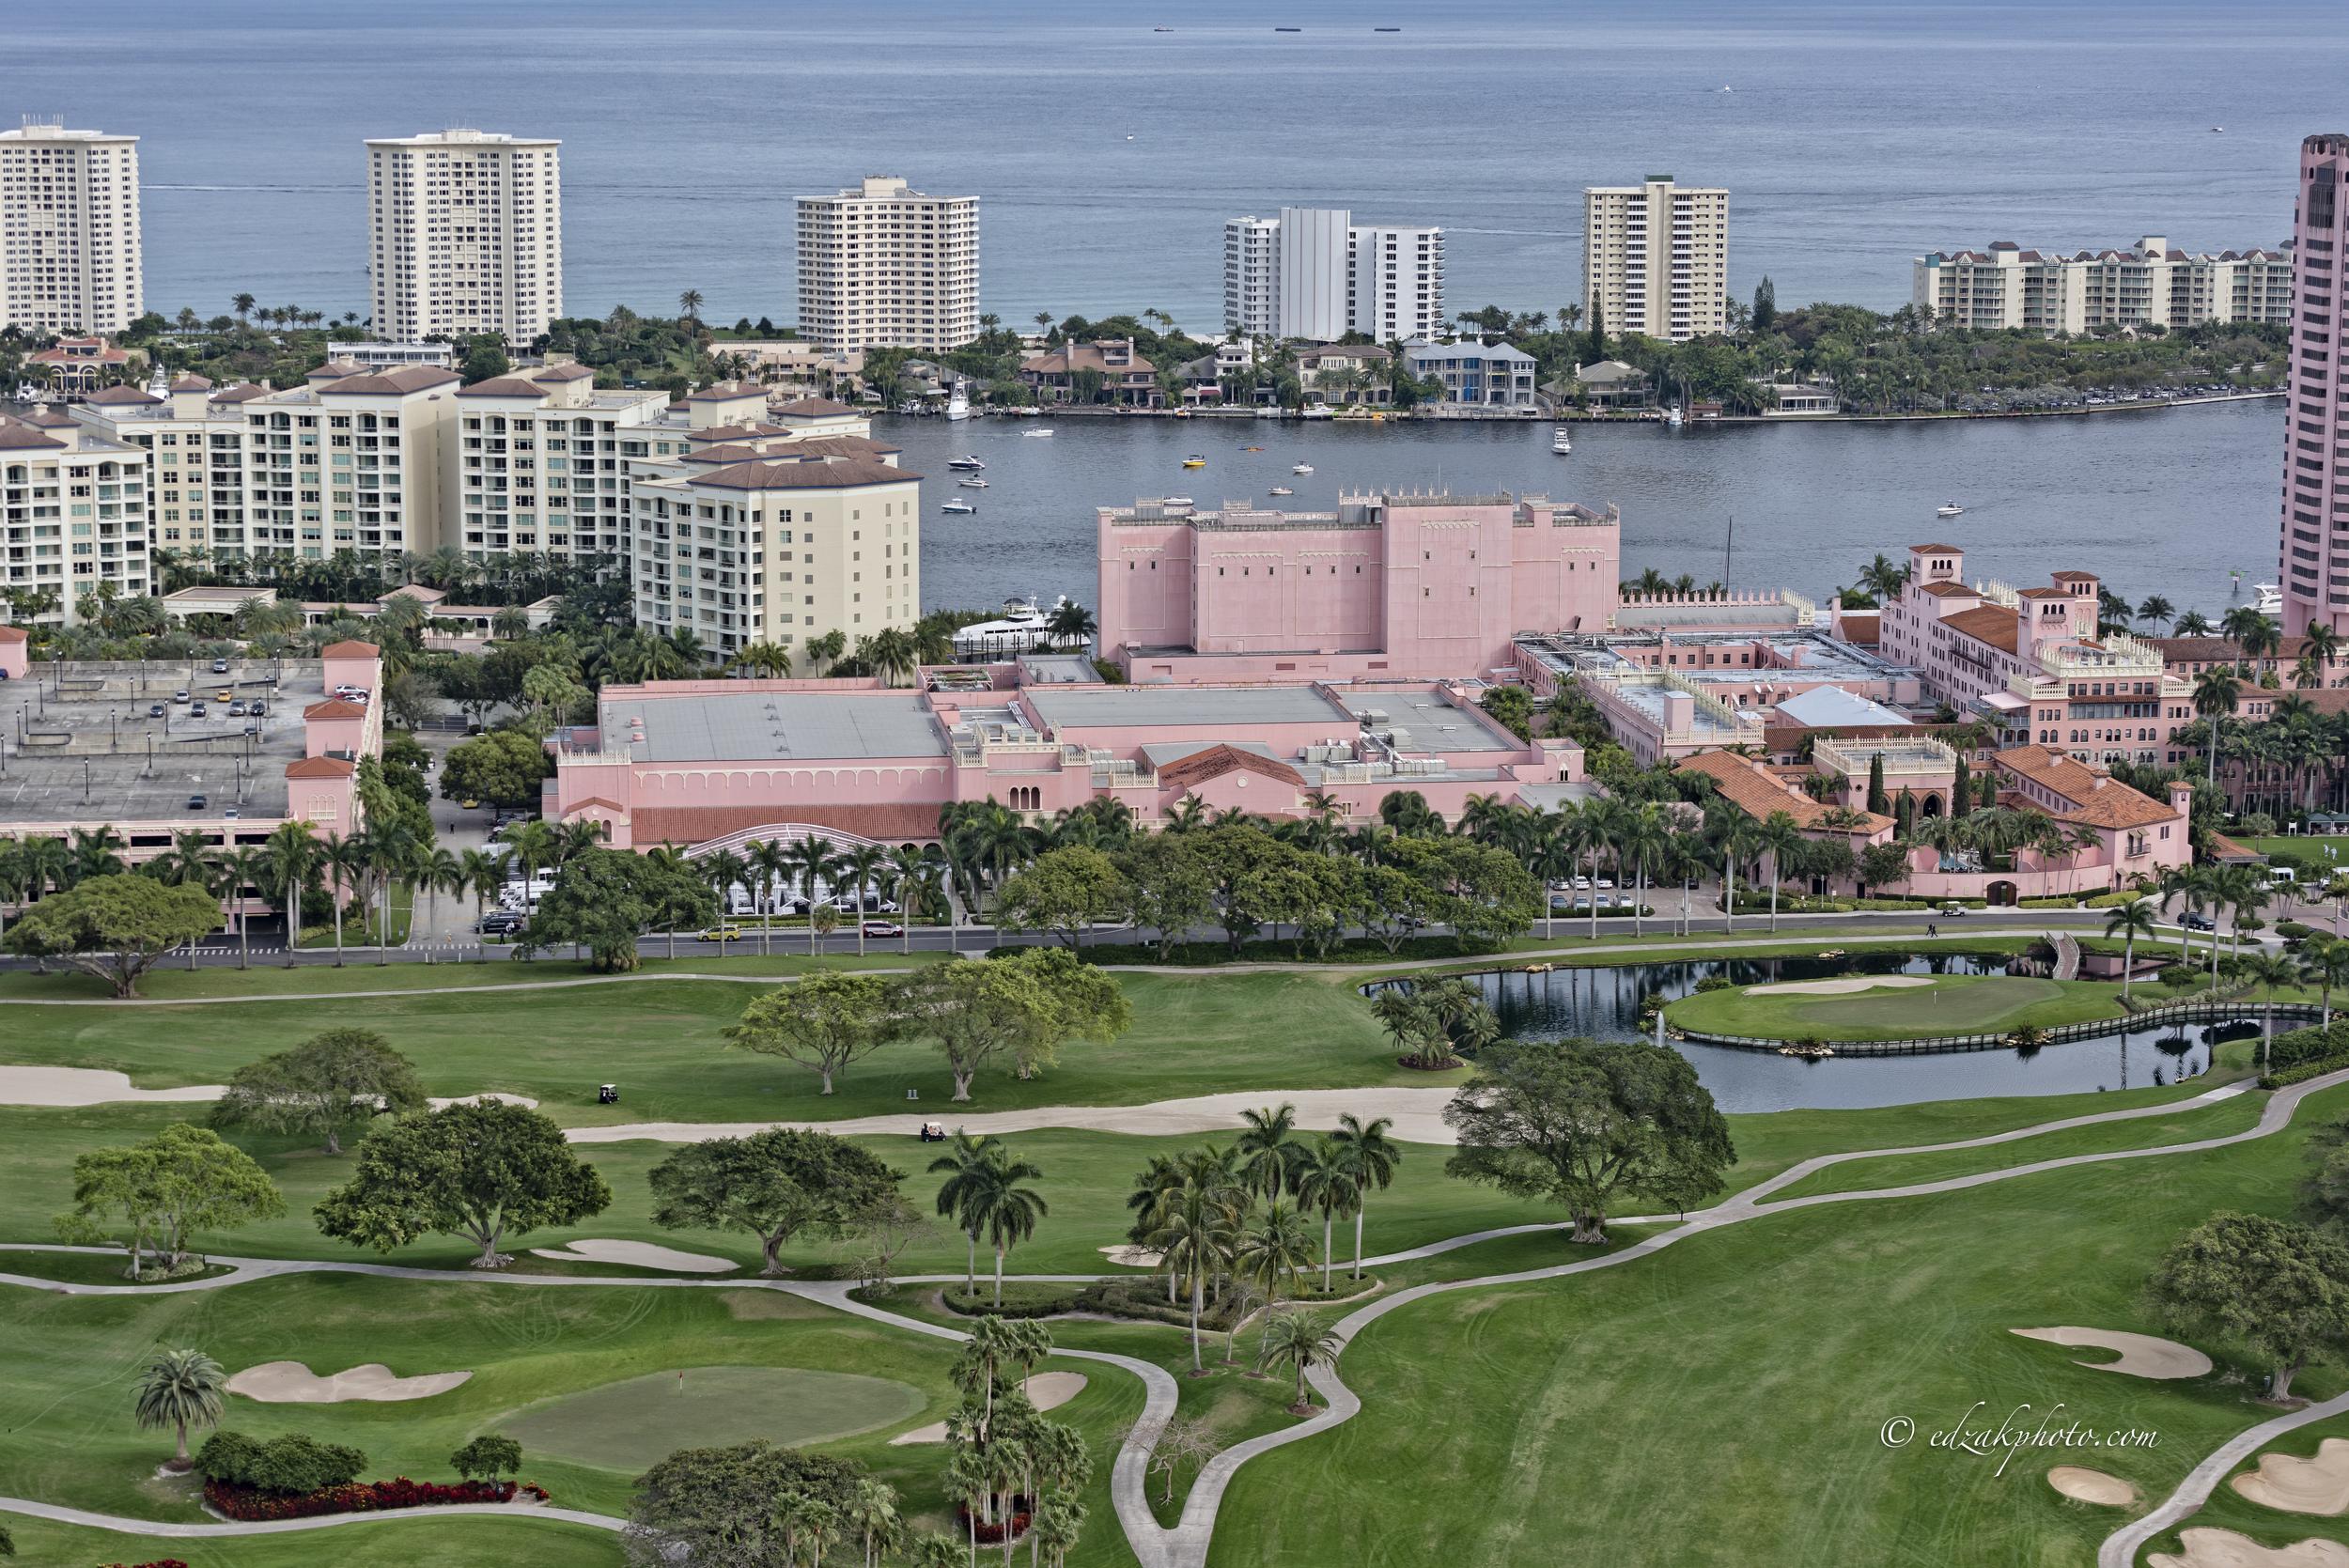 Boca Raton Resort and Spa, Boca Raton, Florida